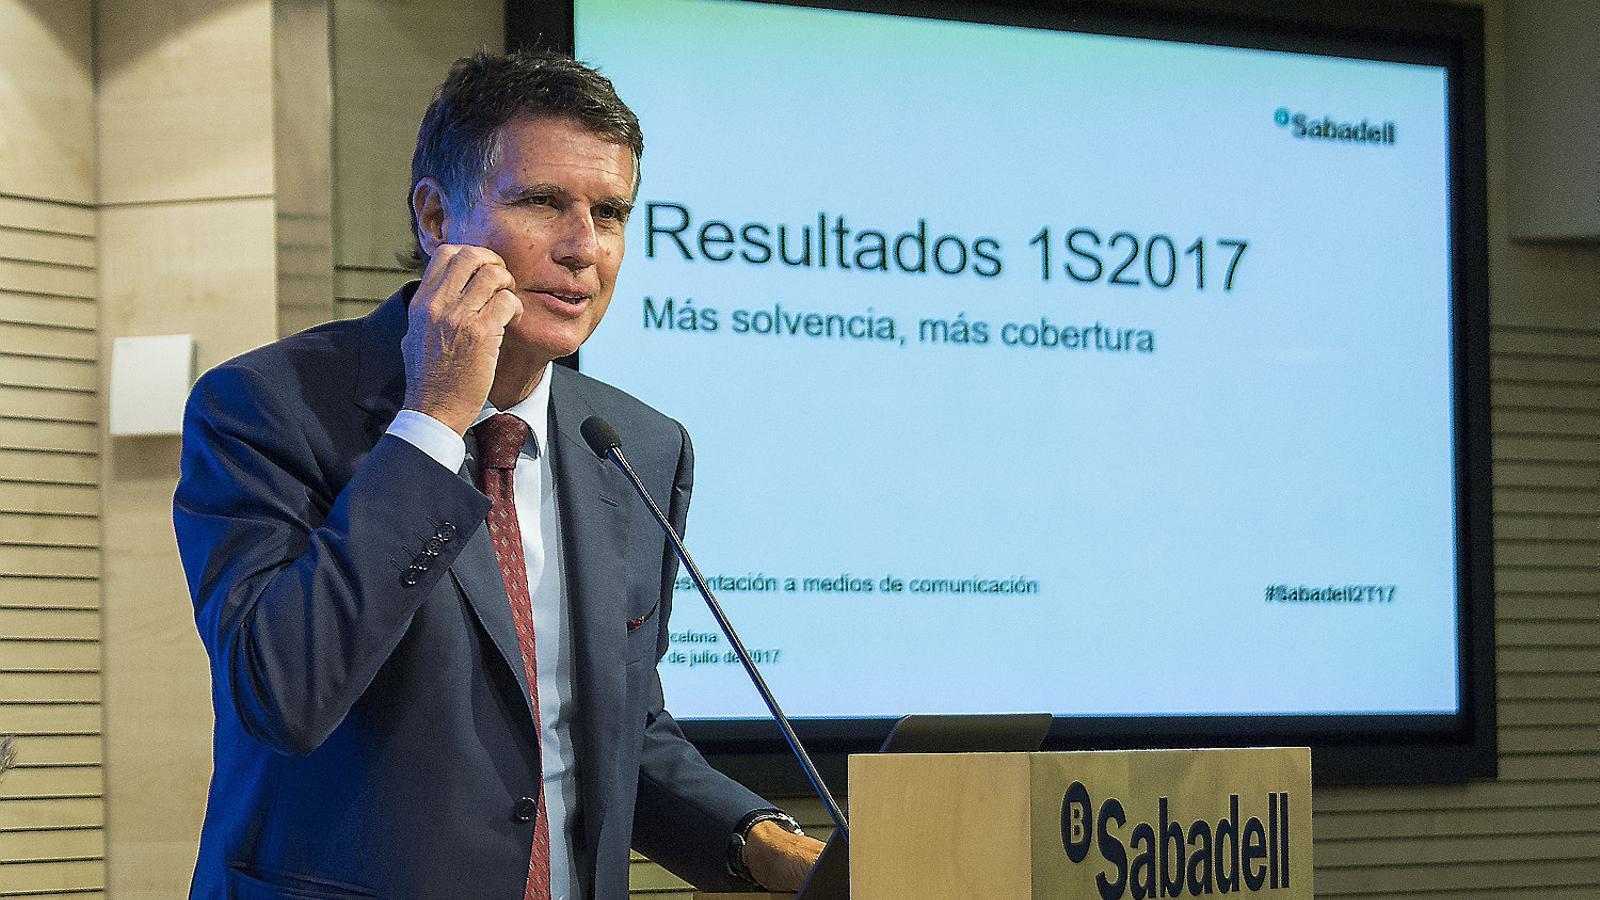 Els beneficis del Sabadell cauen un 67% pels problemes informàtics del TSB